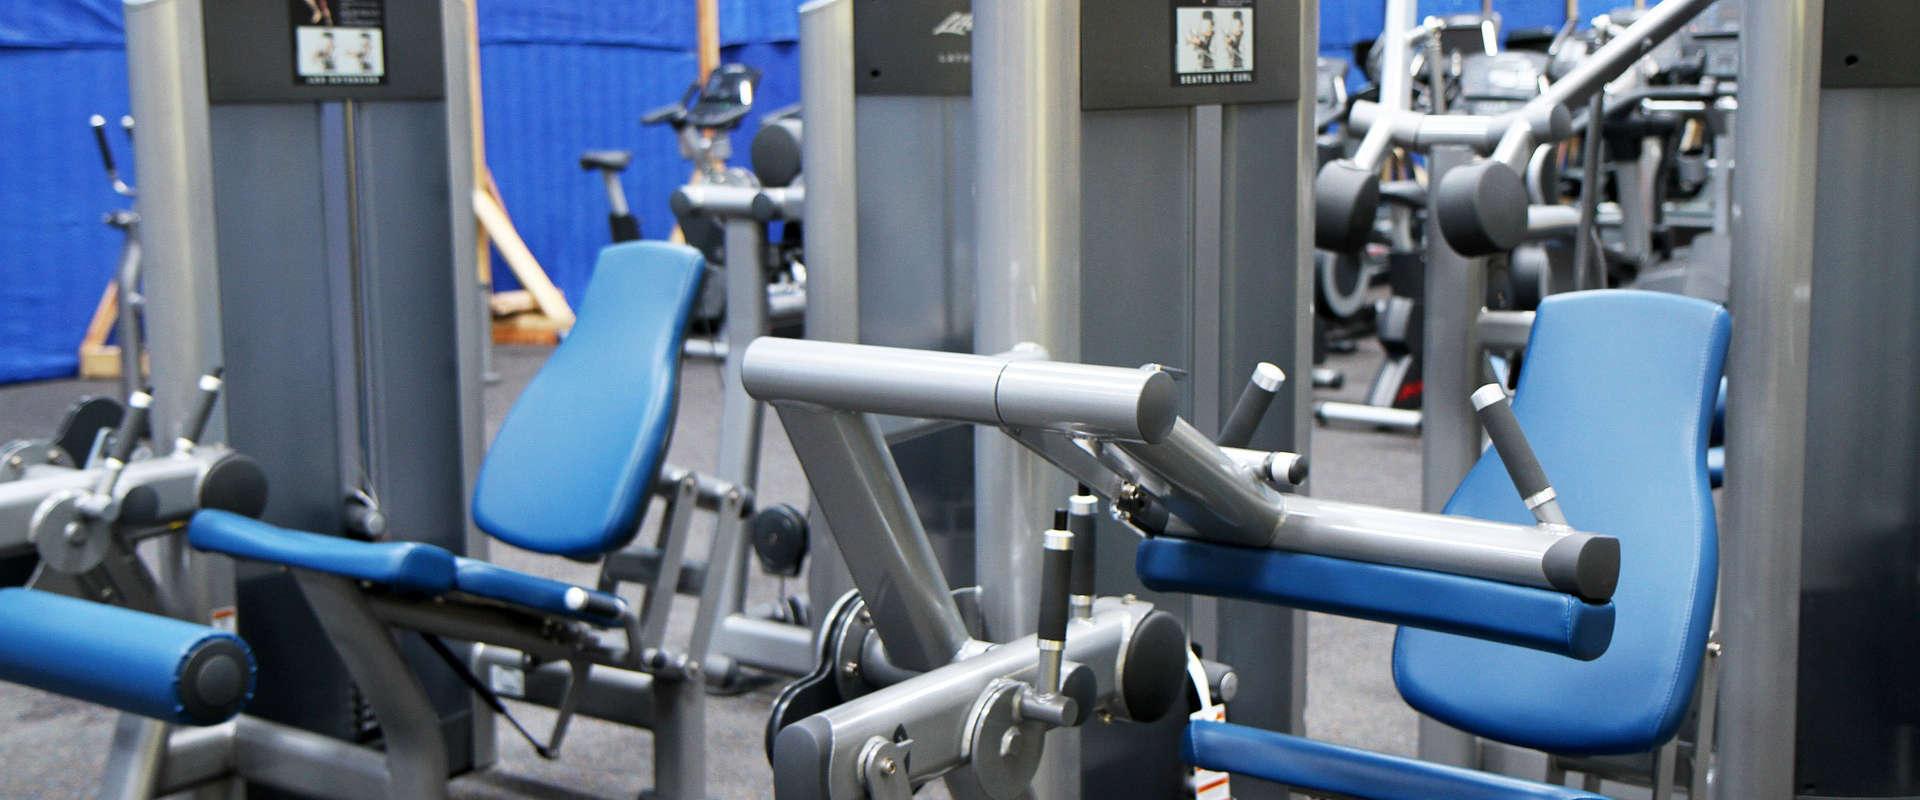 Prix pour appareil de conditionnement physique et musculation